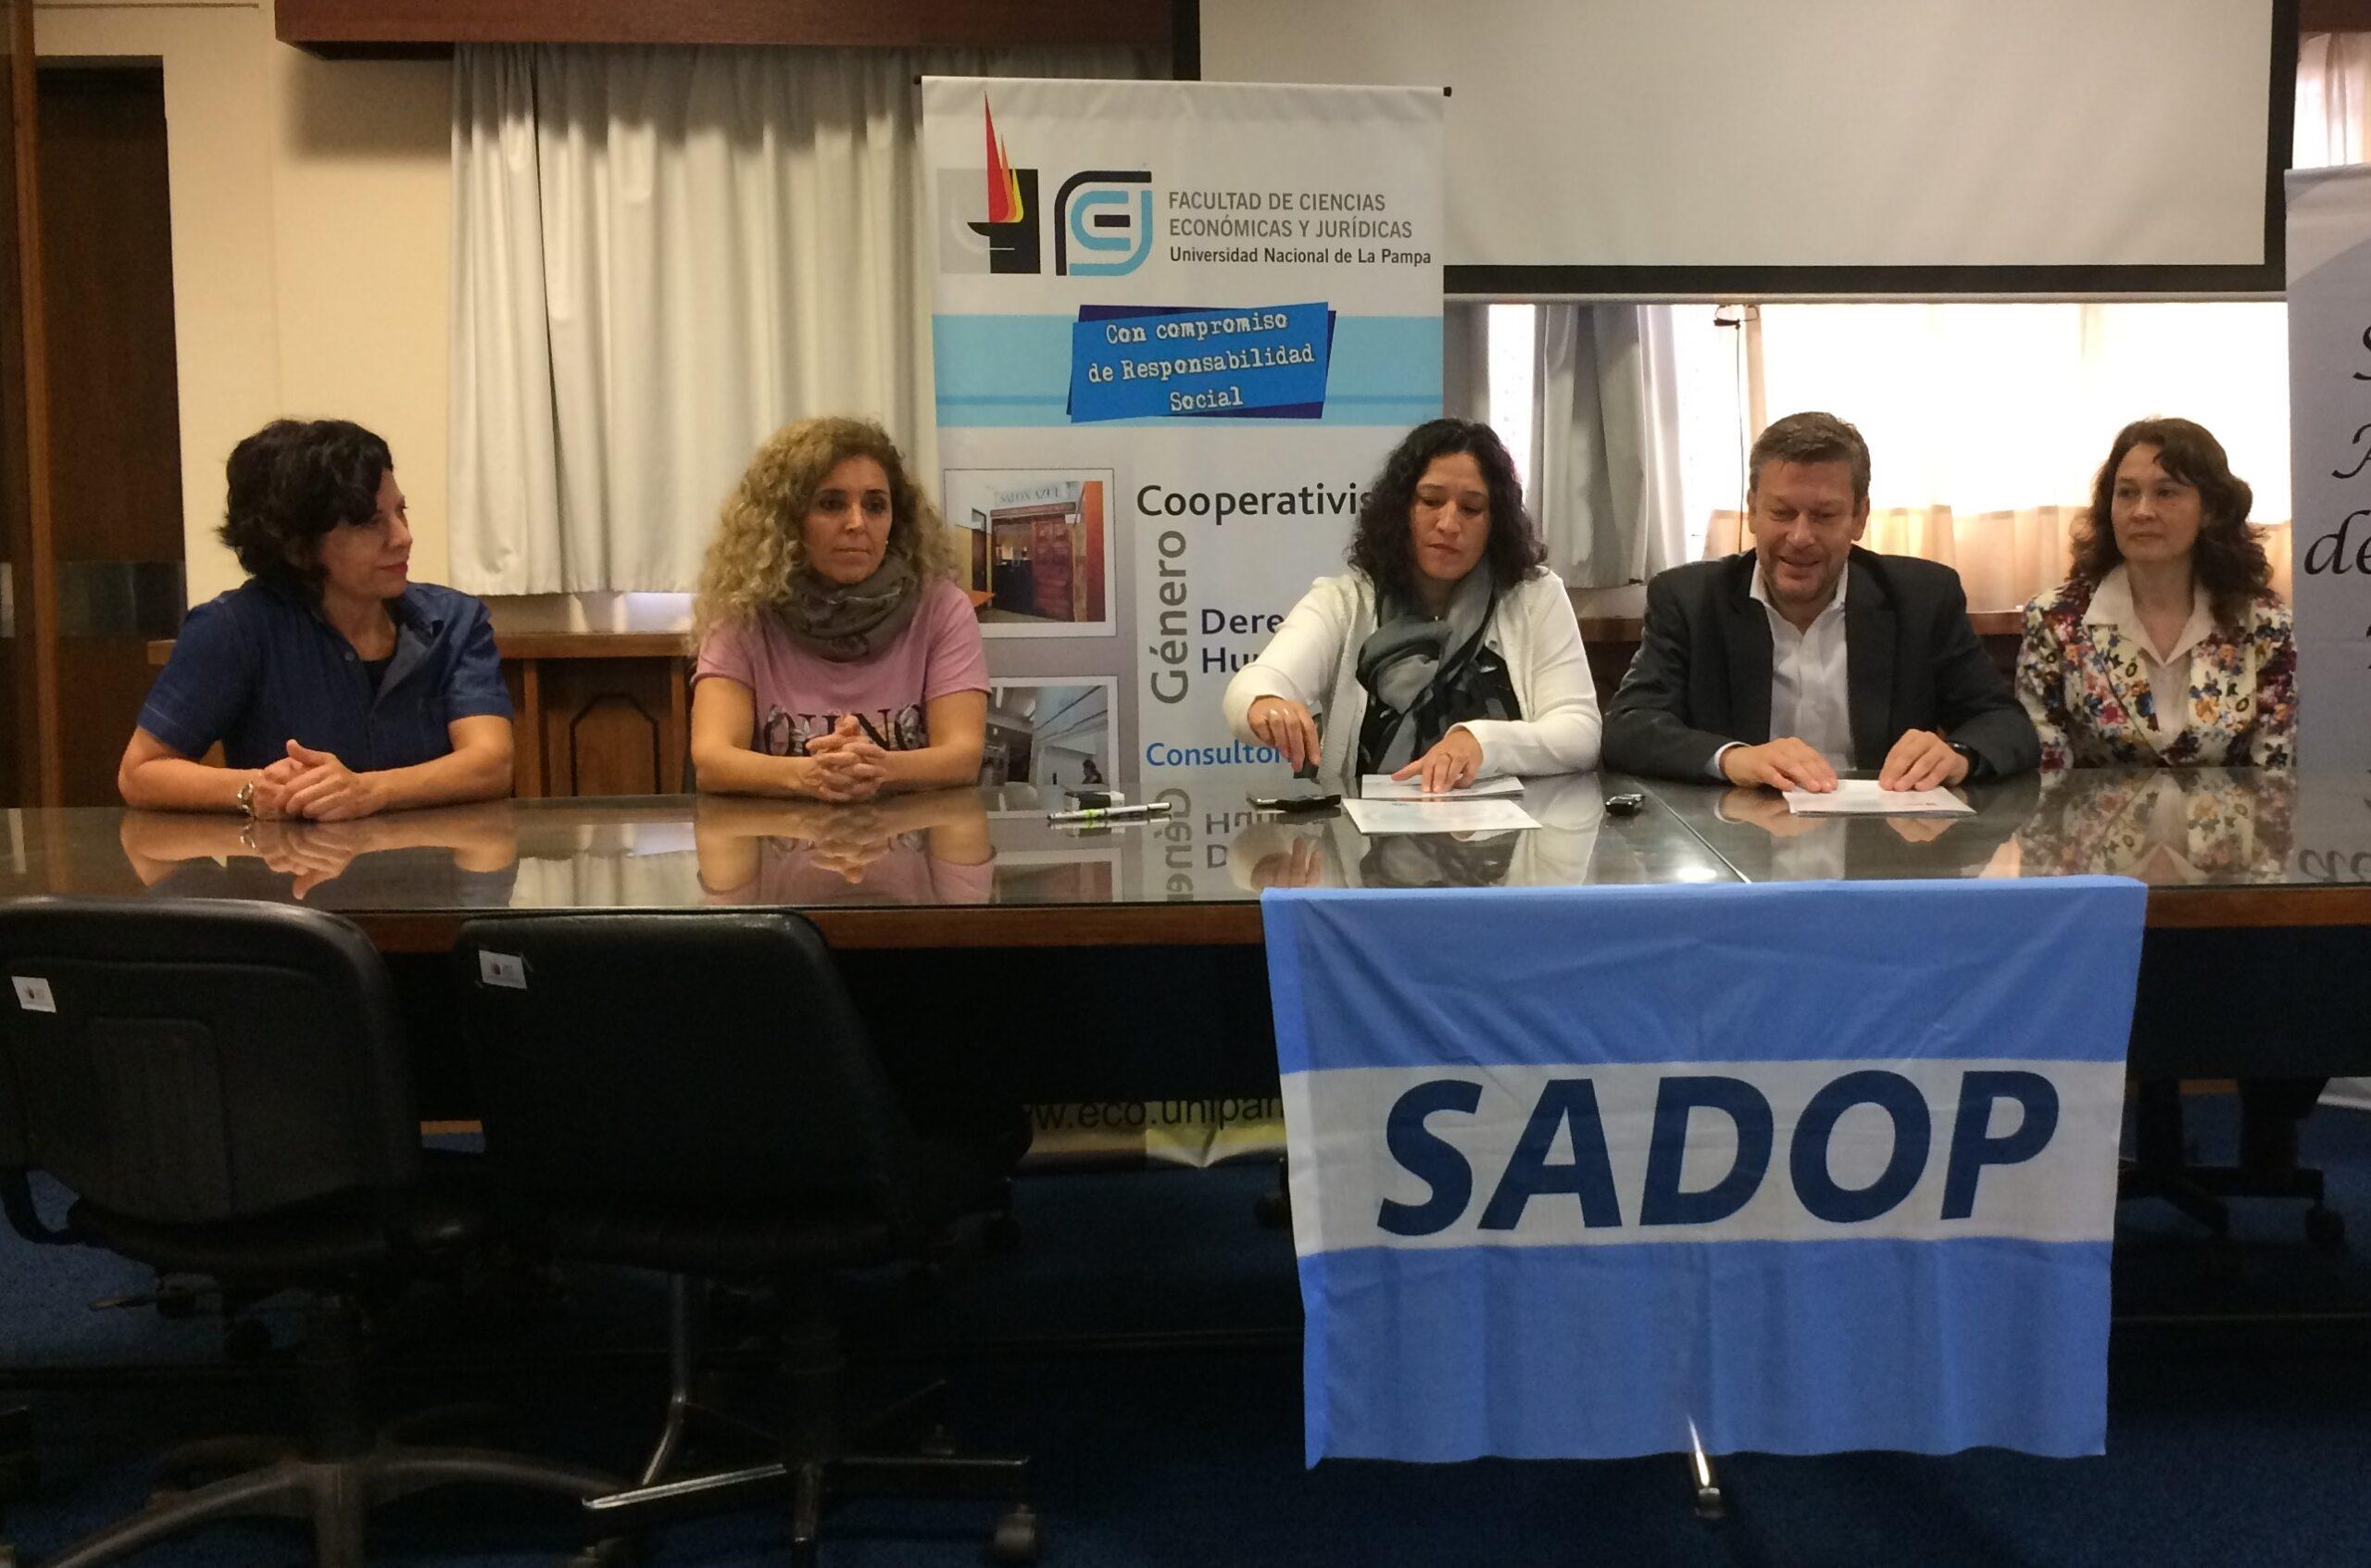 En este momento estás viendo Convenio de Cooperación Académica entre SADOP Secc. La Pampa y la FCEyJ de la UNLPam